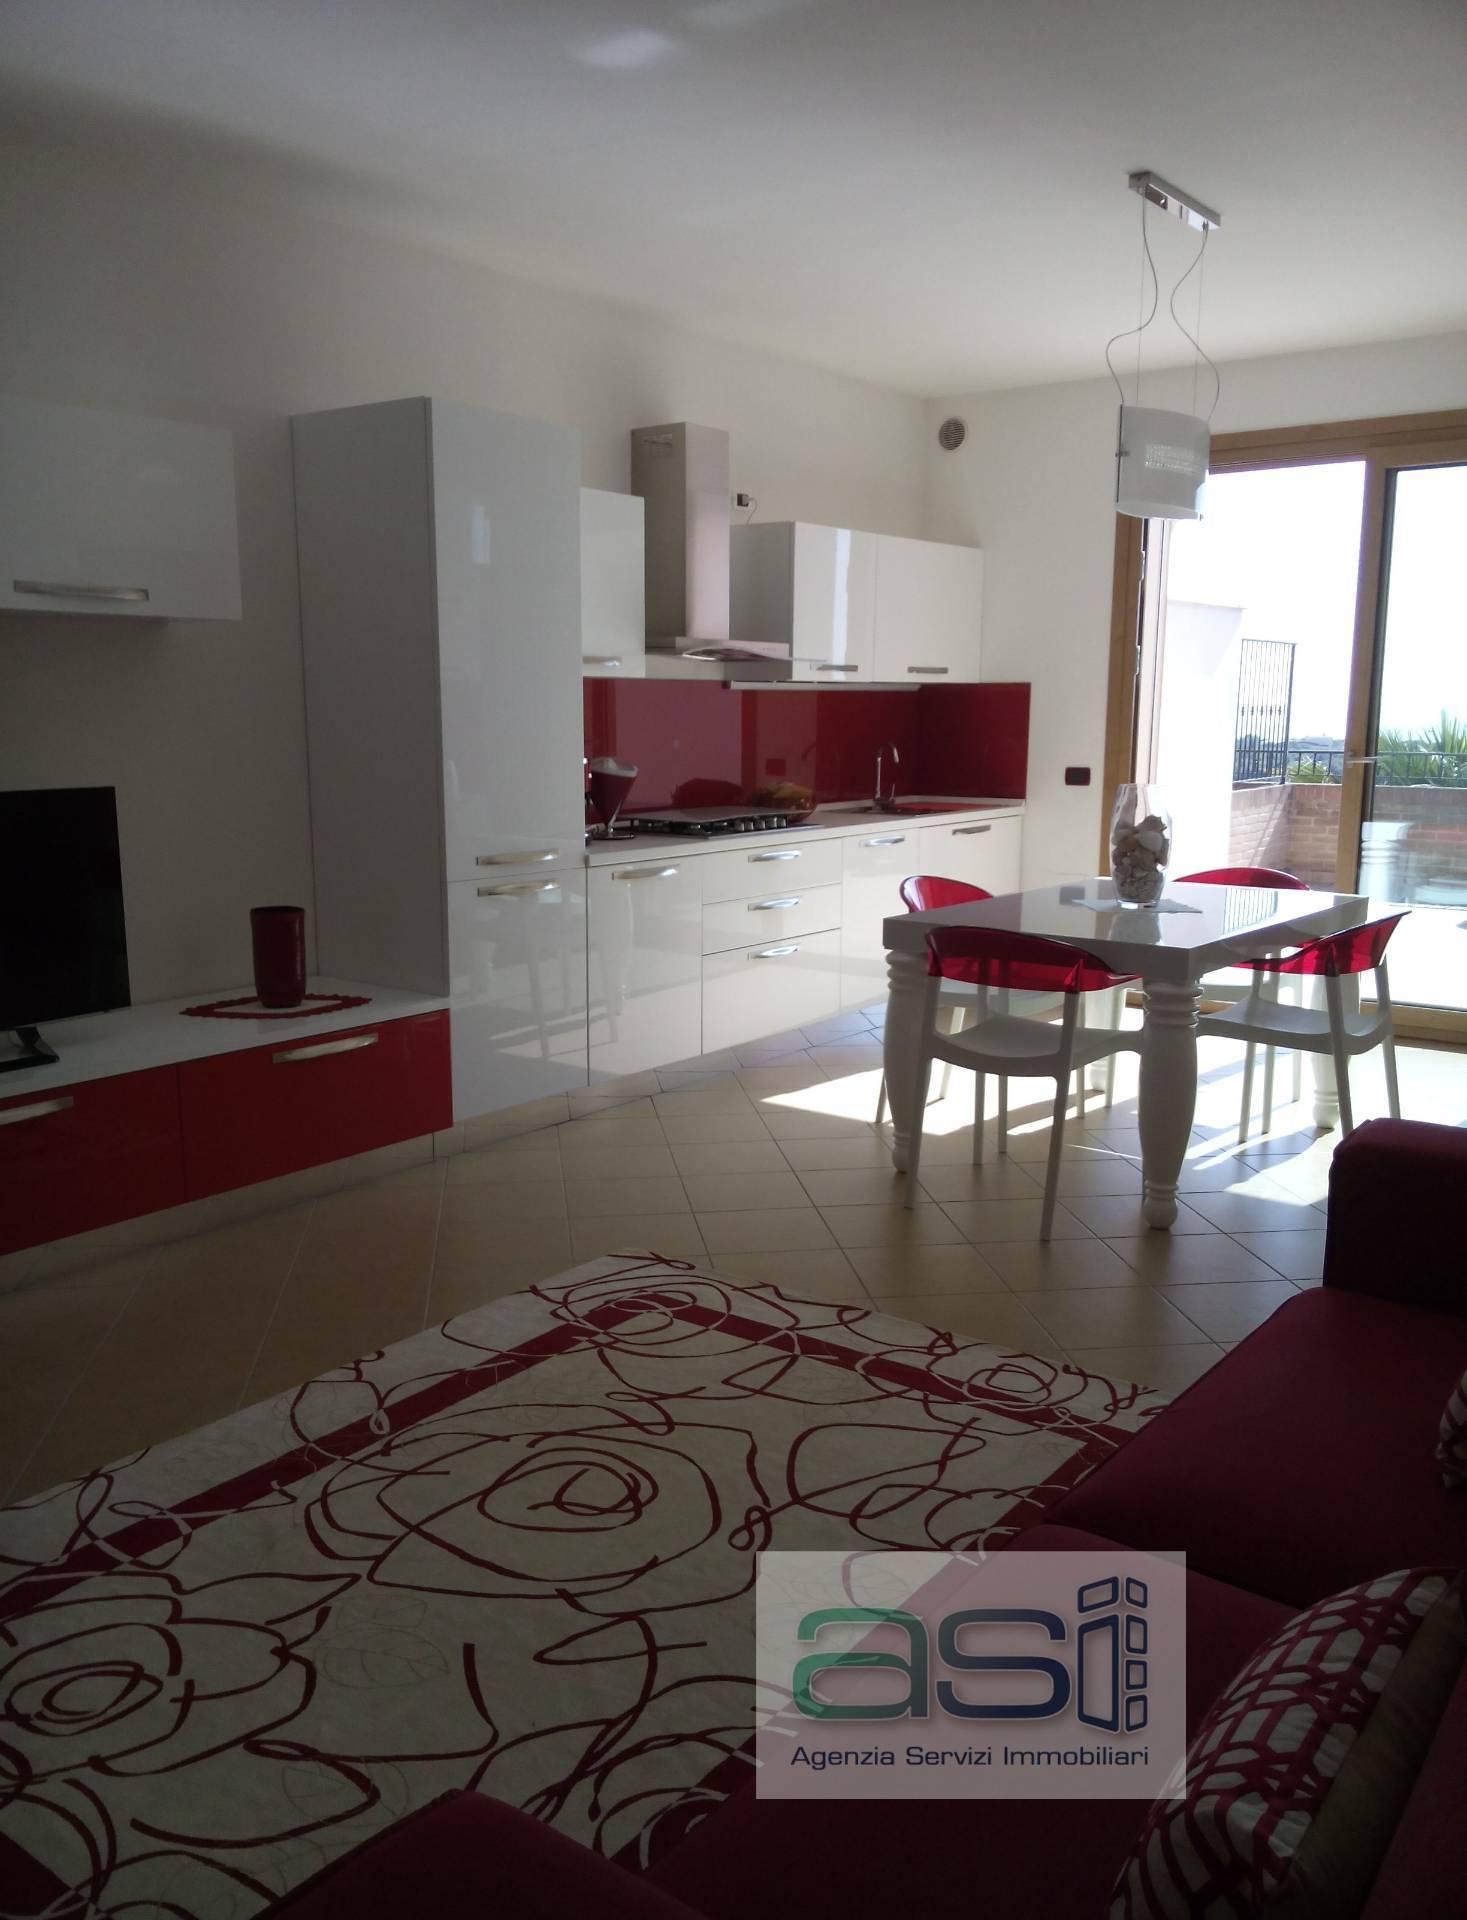 Appartamento in vendita a Tortoreto, 4 locali, zona Località: panoramica, prezzo € 158.000 | PortaleAgenzieImmobiliari.it